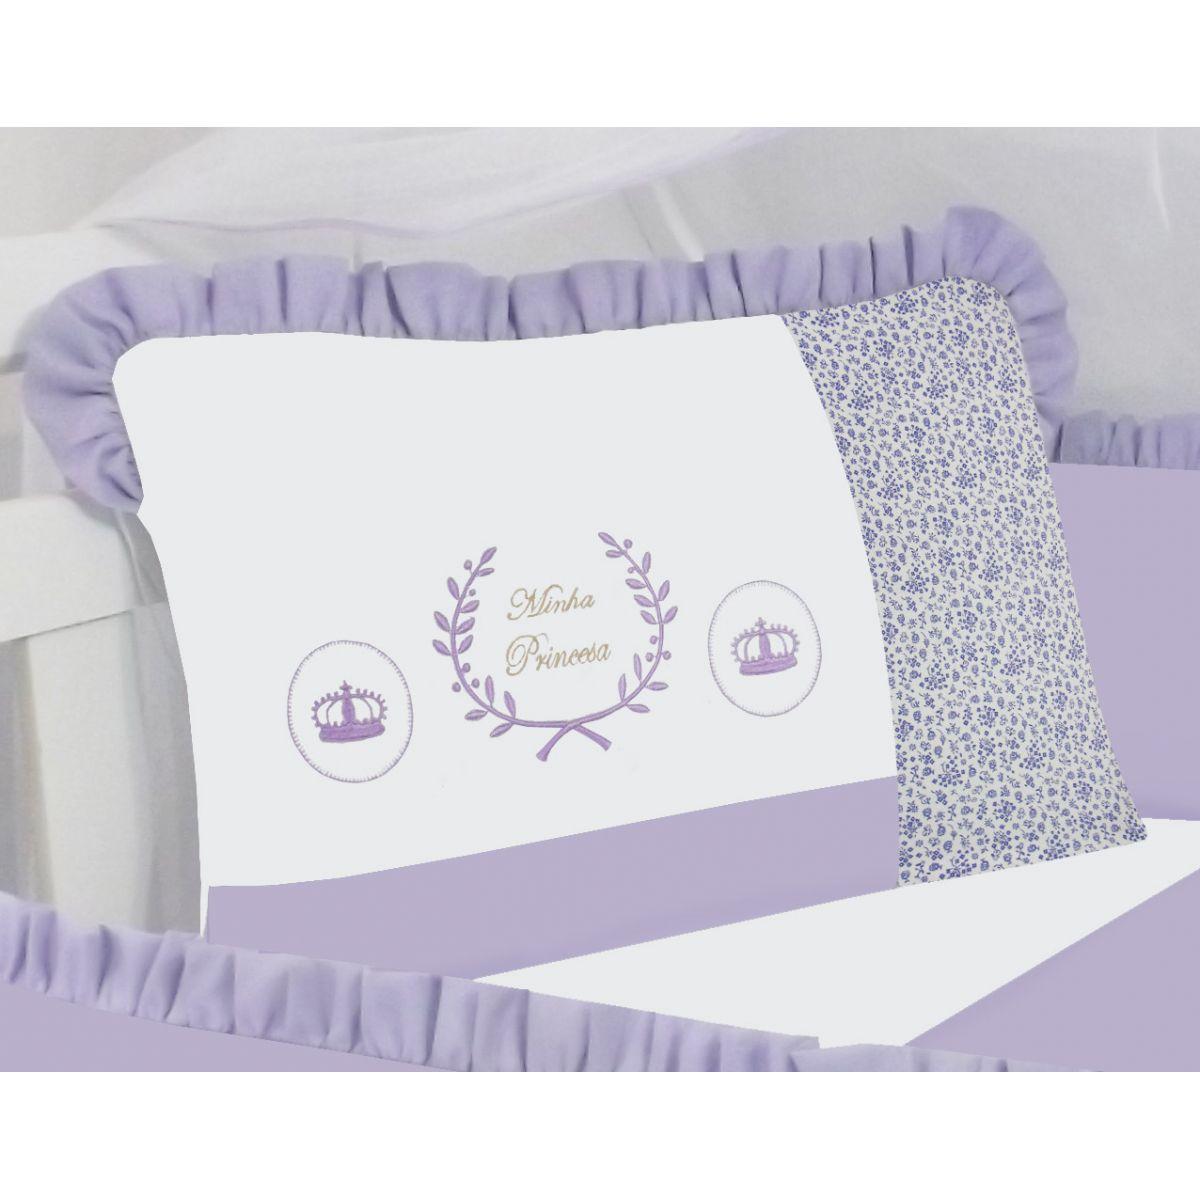 Kit de Berço Minha Princesa Lilás  09 peças 100% Algodão Padrão Americano